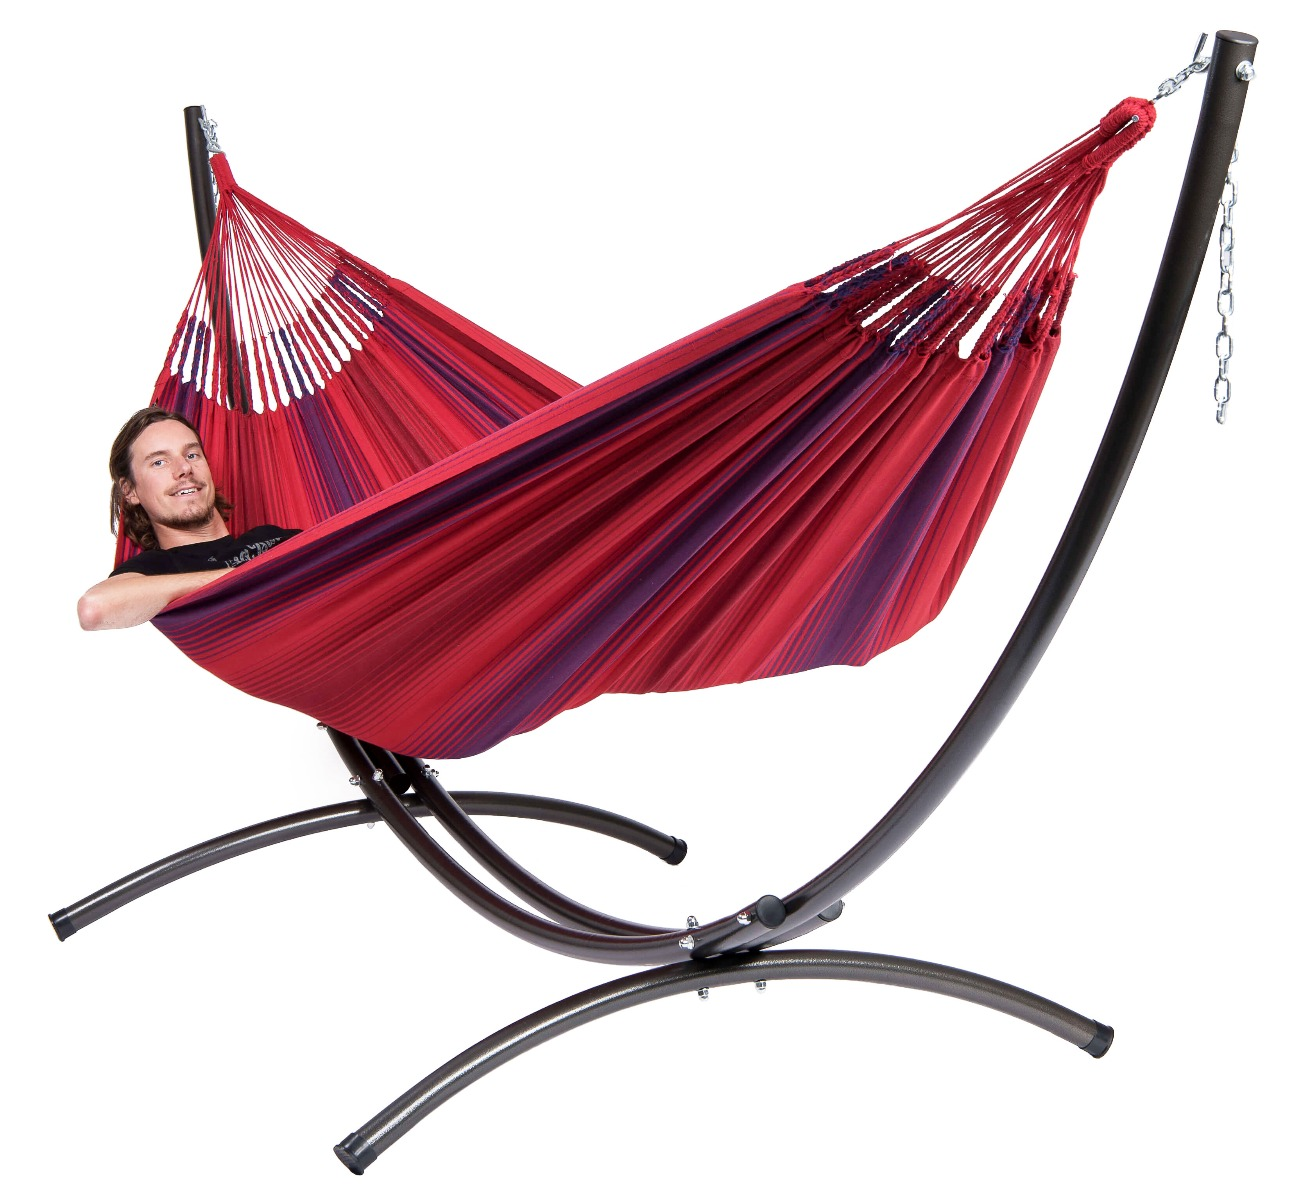 Hangmat met standaard familie in de kleur rood van het merk tropilex ®. hangmat met standaard familie uit de ...